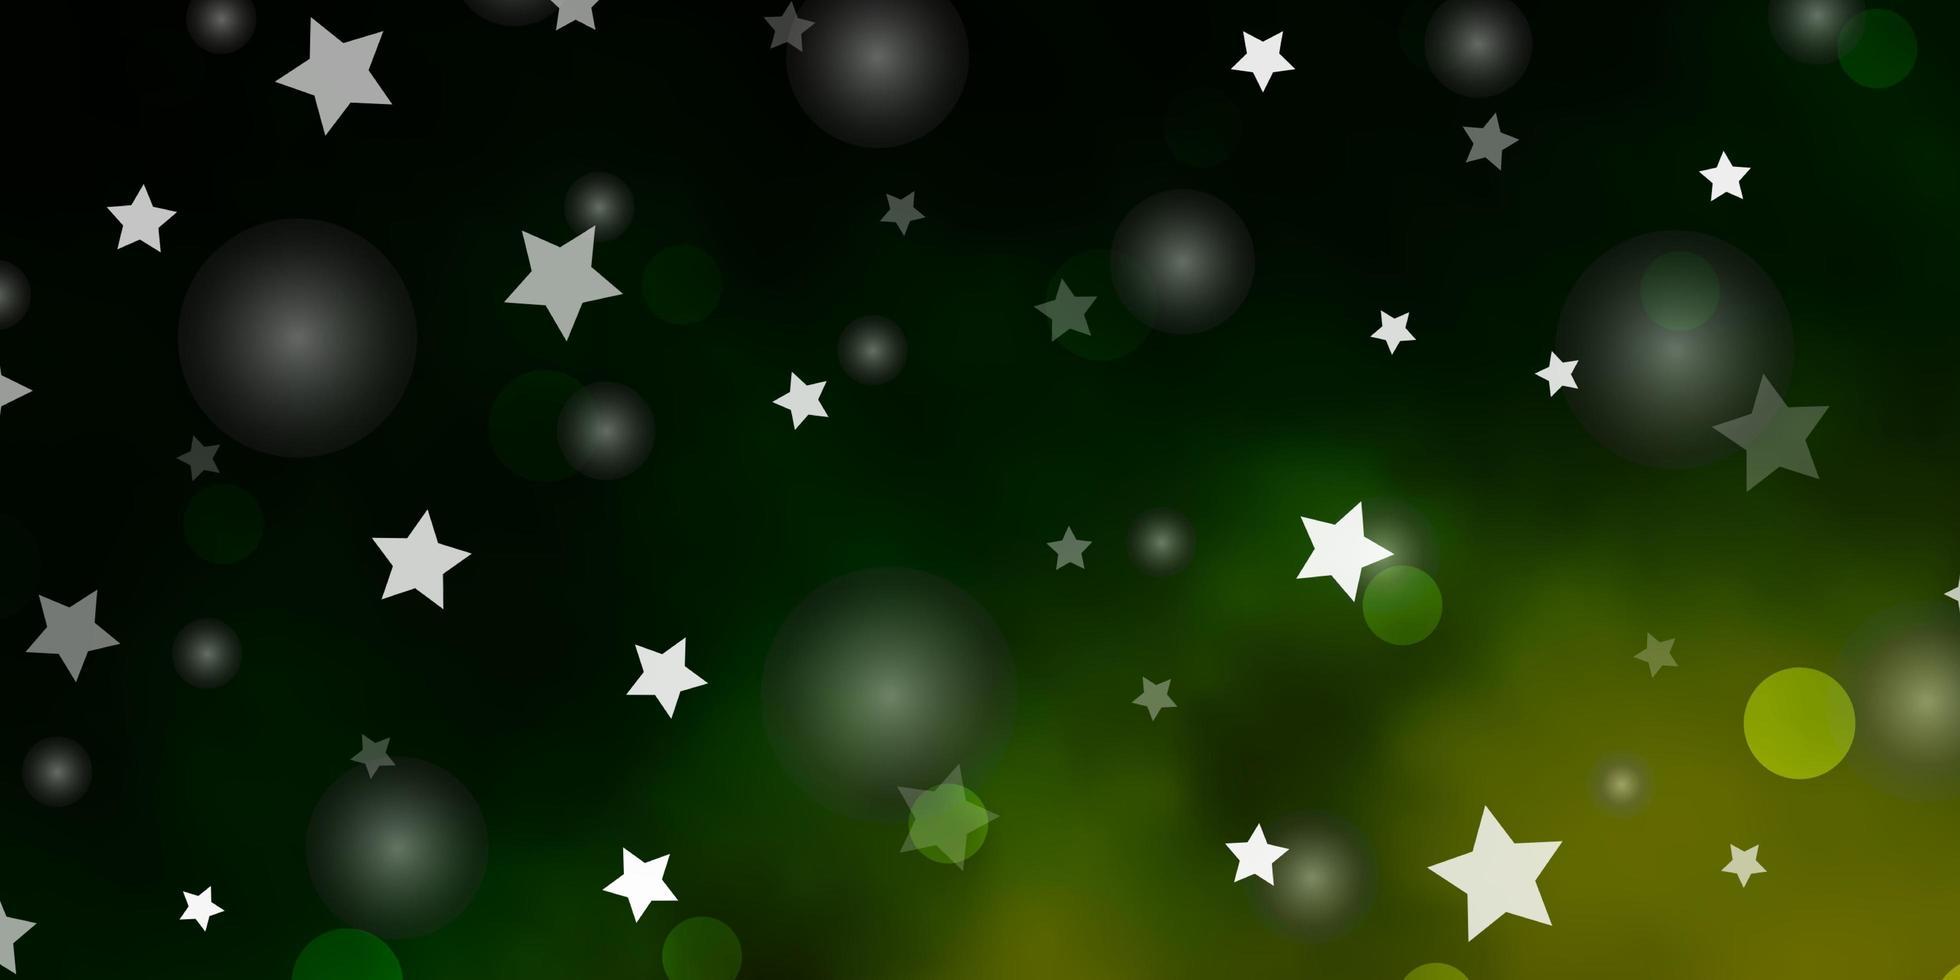 modèle vert foncé avec des cercles, des étoiles. vecteur